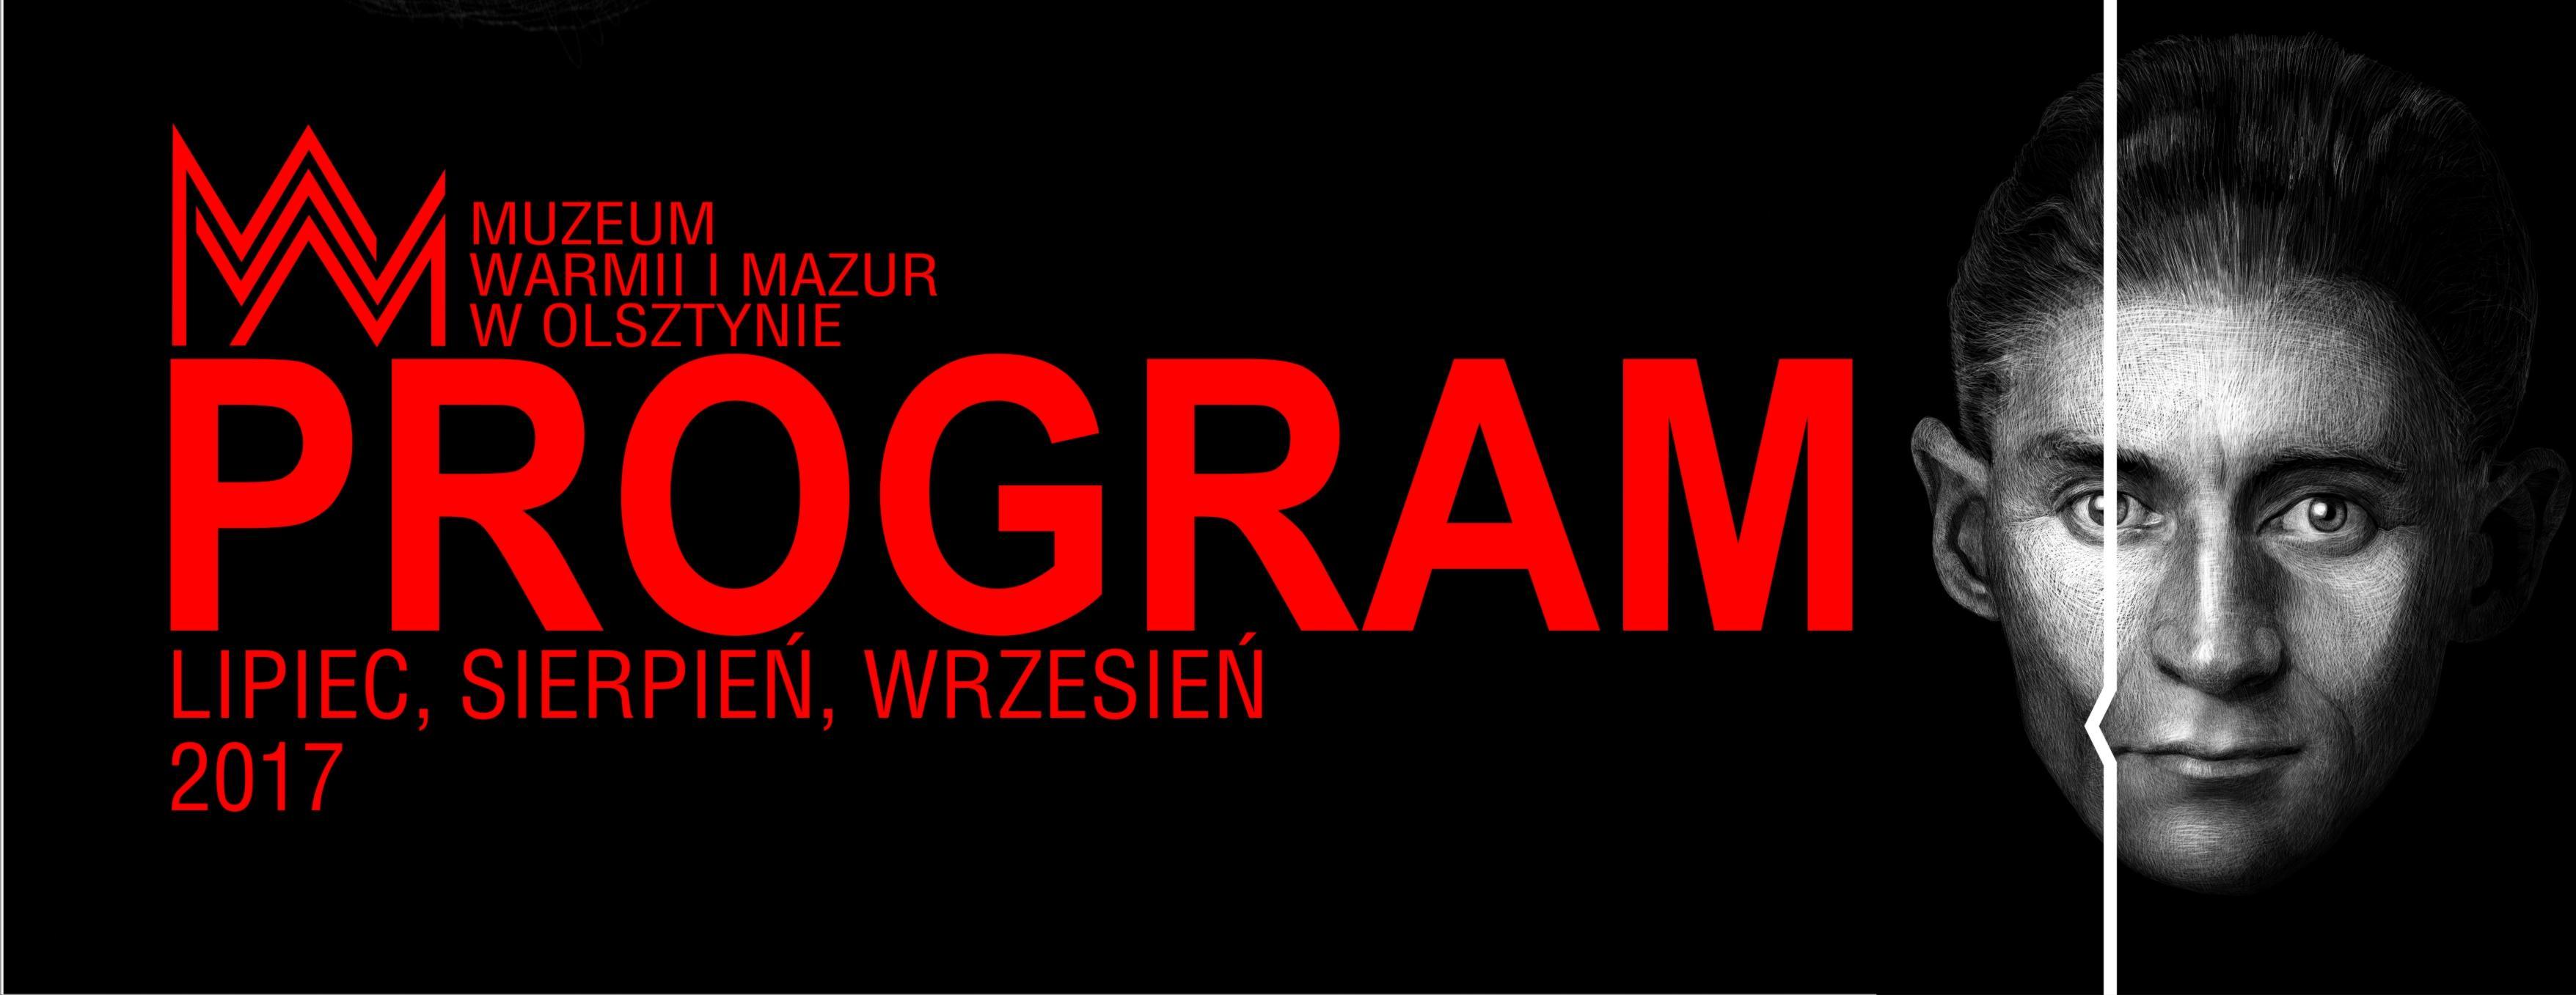 Program III kwartał 2017